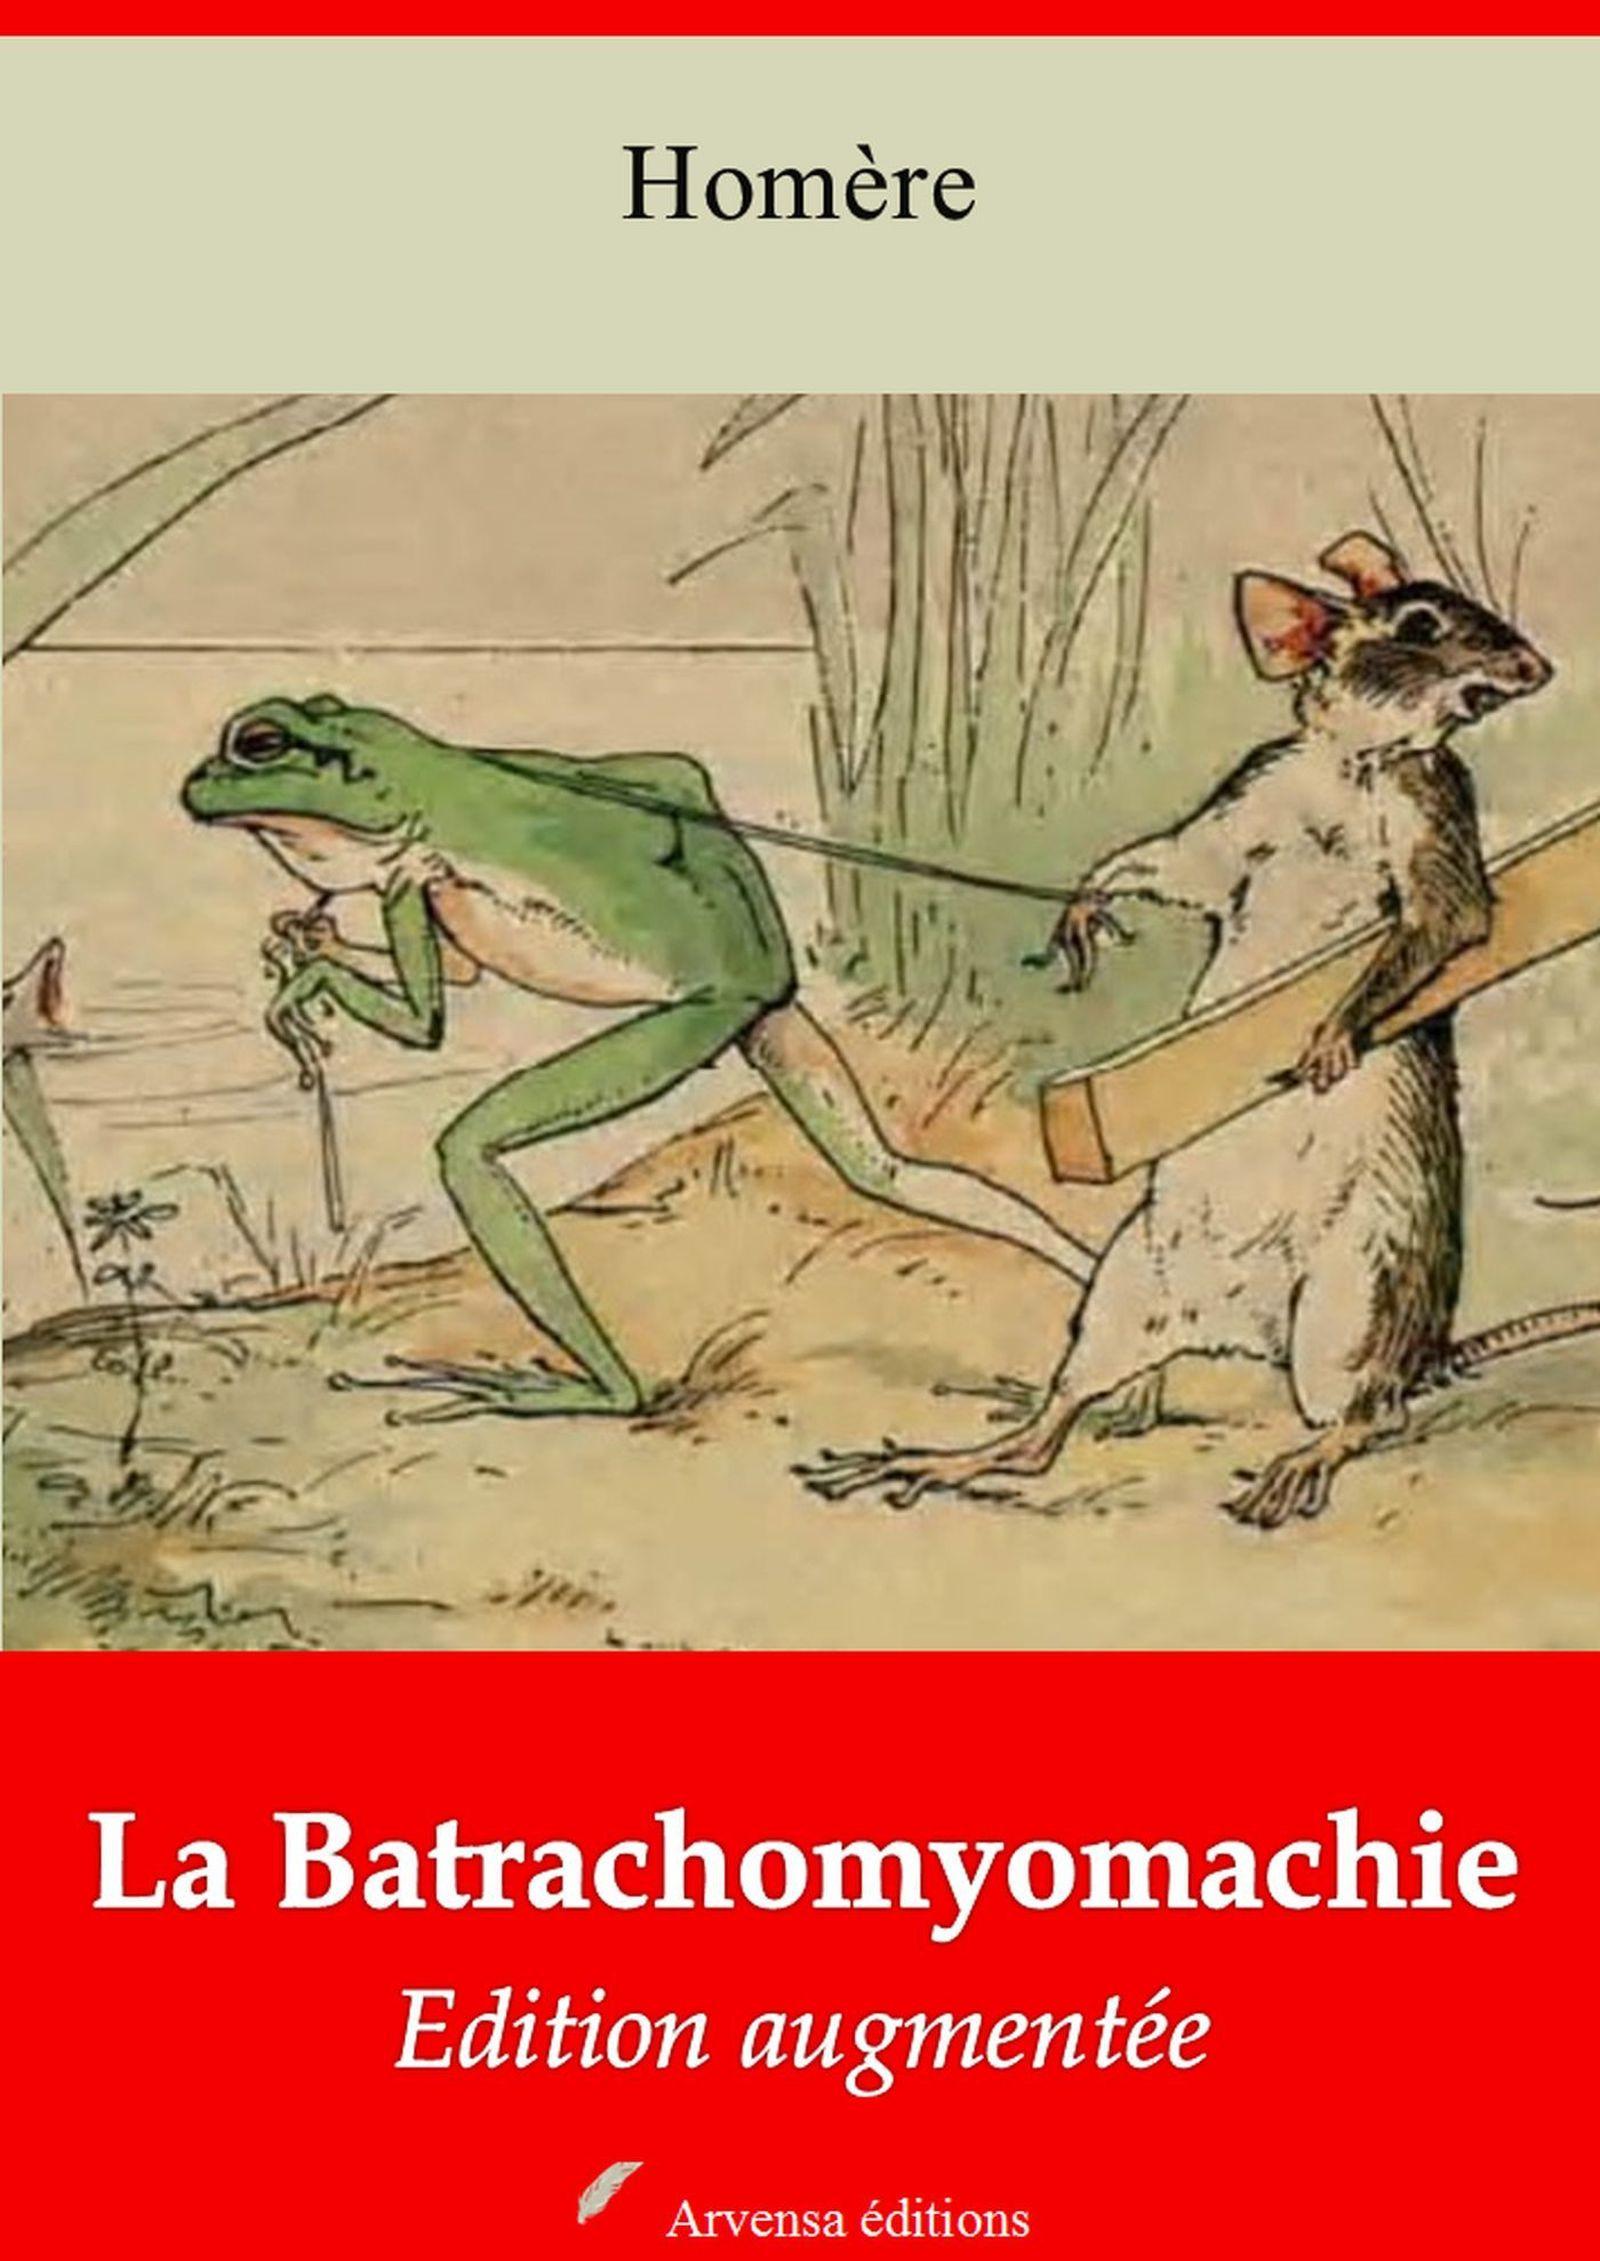 La Batrachomyomachie - suivi d'annexes